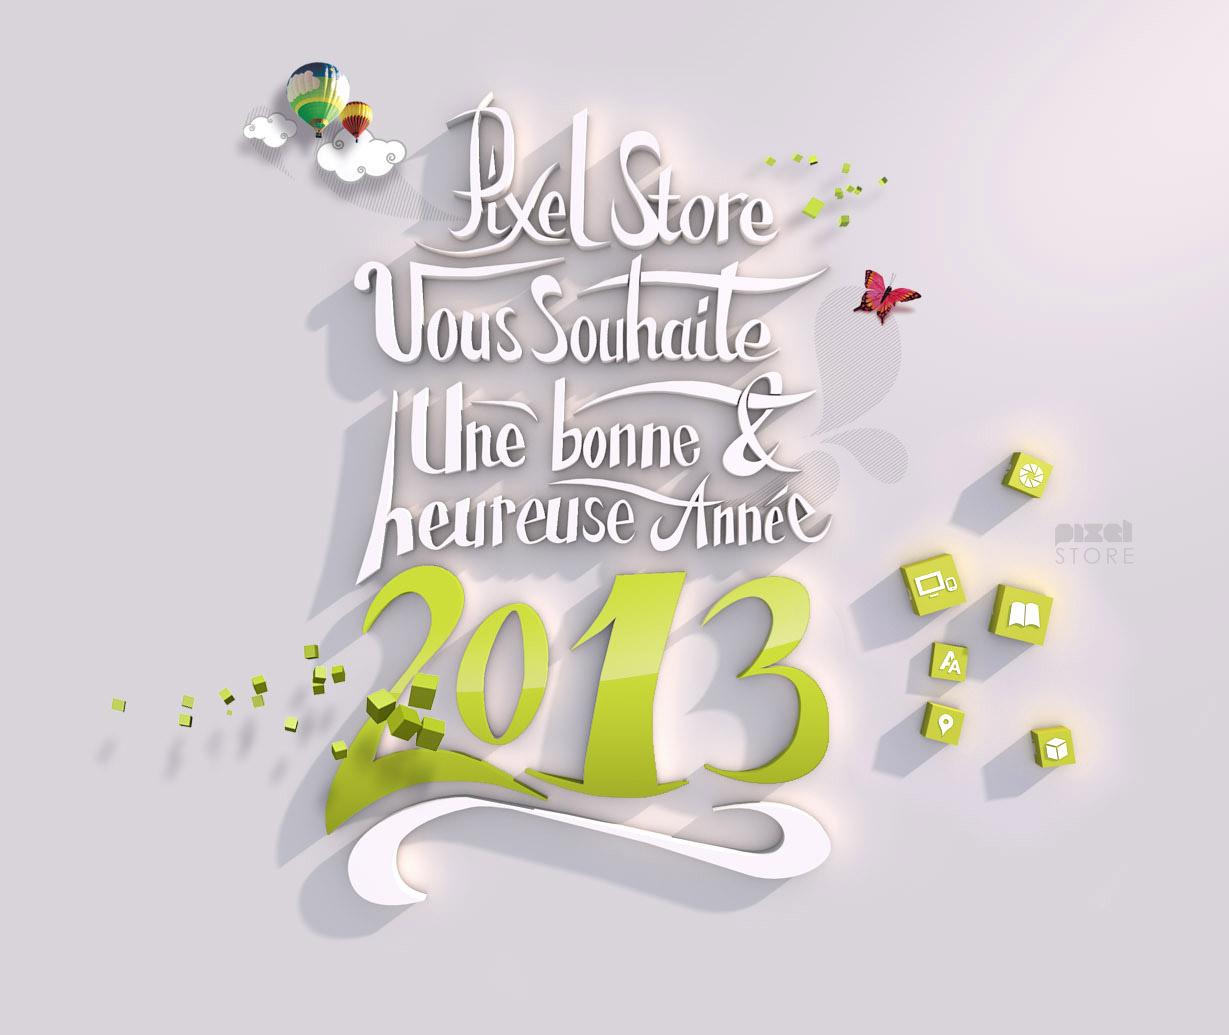 voeux-2013-PIXELSTORE.jpg